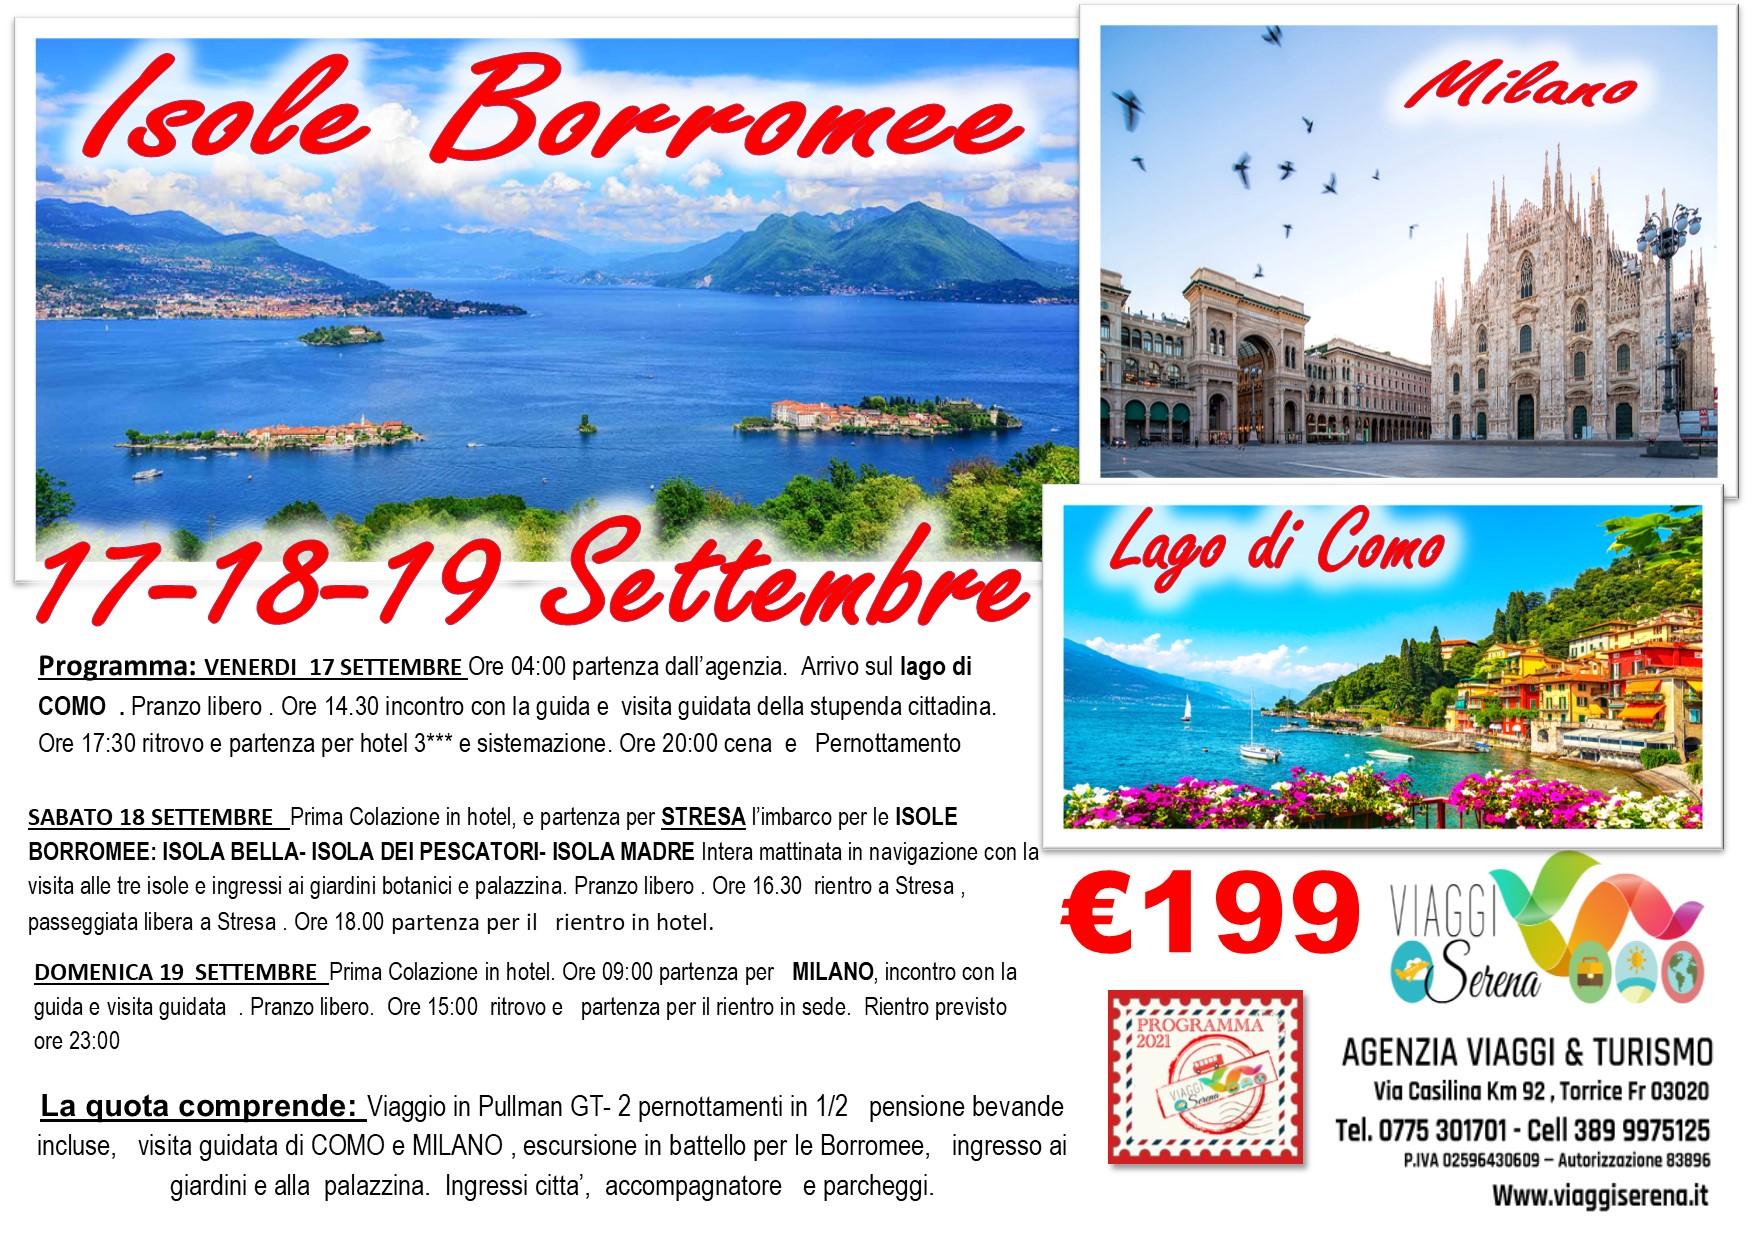 Viaggi di Gruppo: Isole Borromee , Lago di Como & Milano 17-18-19 Settembre € 199,00